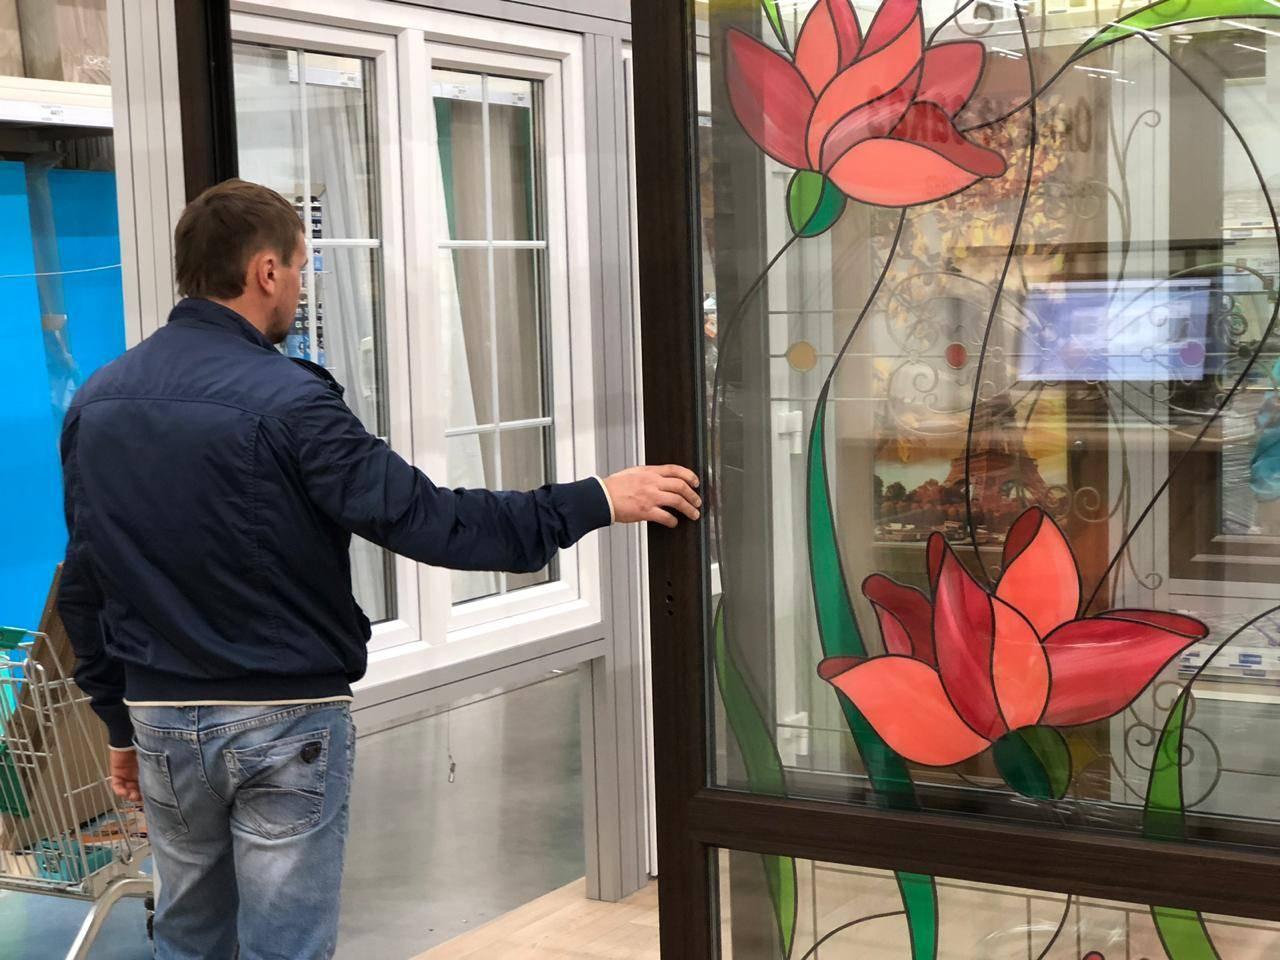 «Окна на заказ» от Deceuninck теперь во всех магазинах Леруа Мерлен Урала и Приволжья